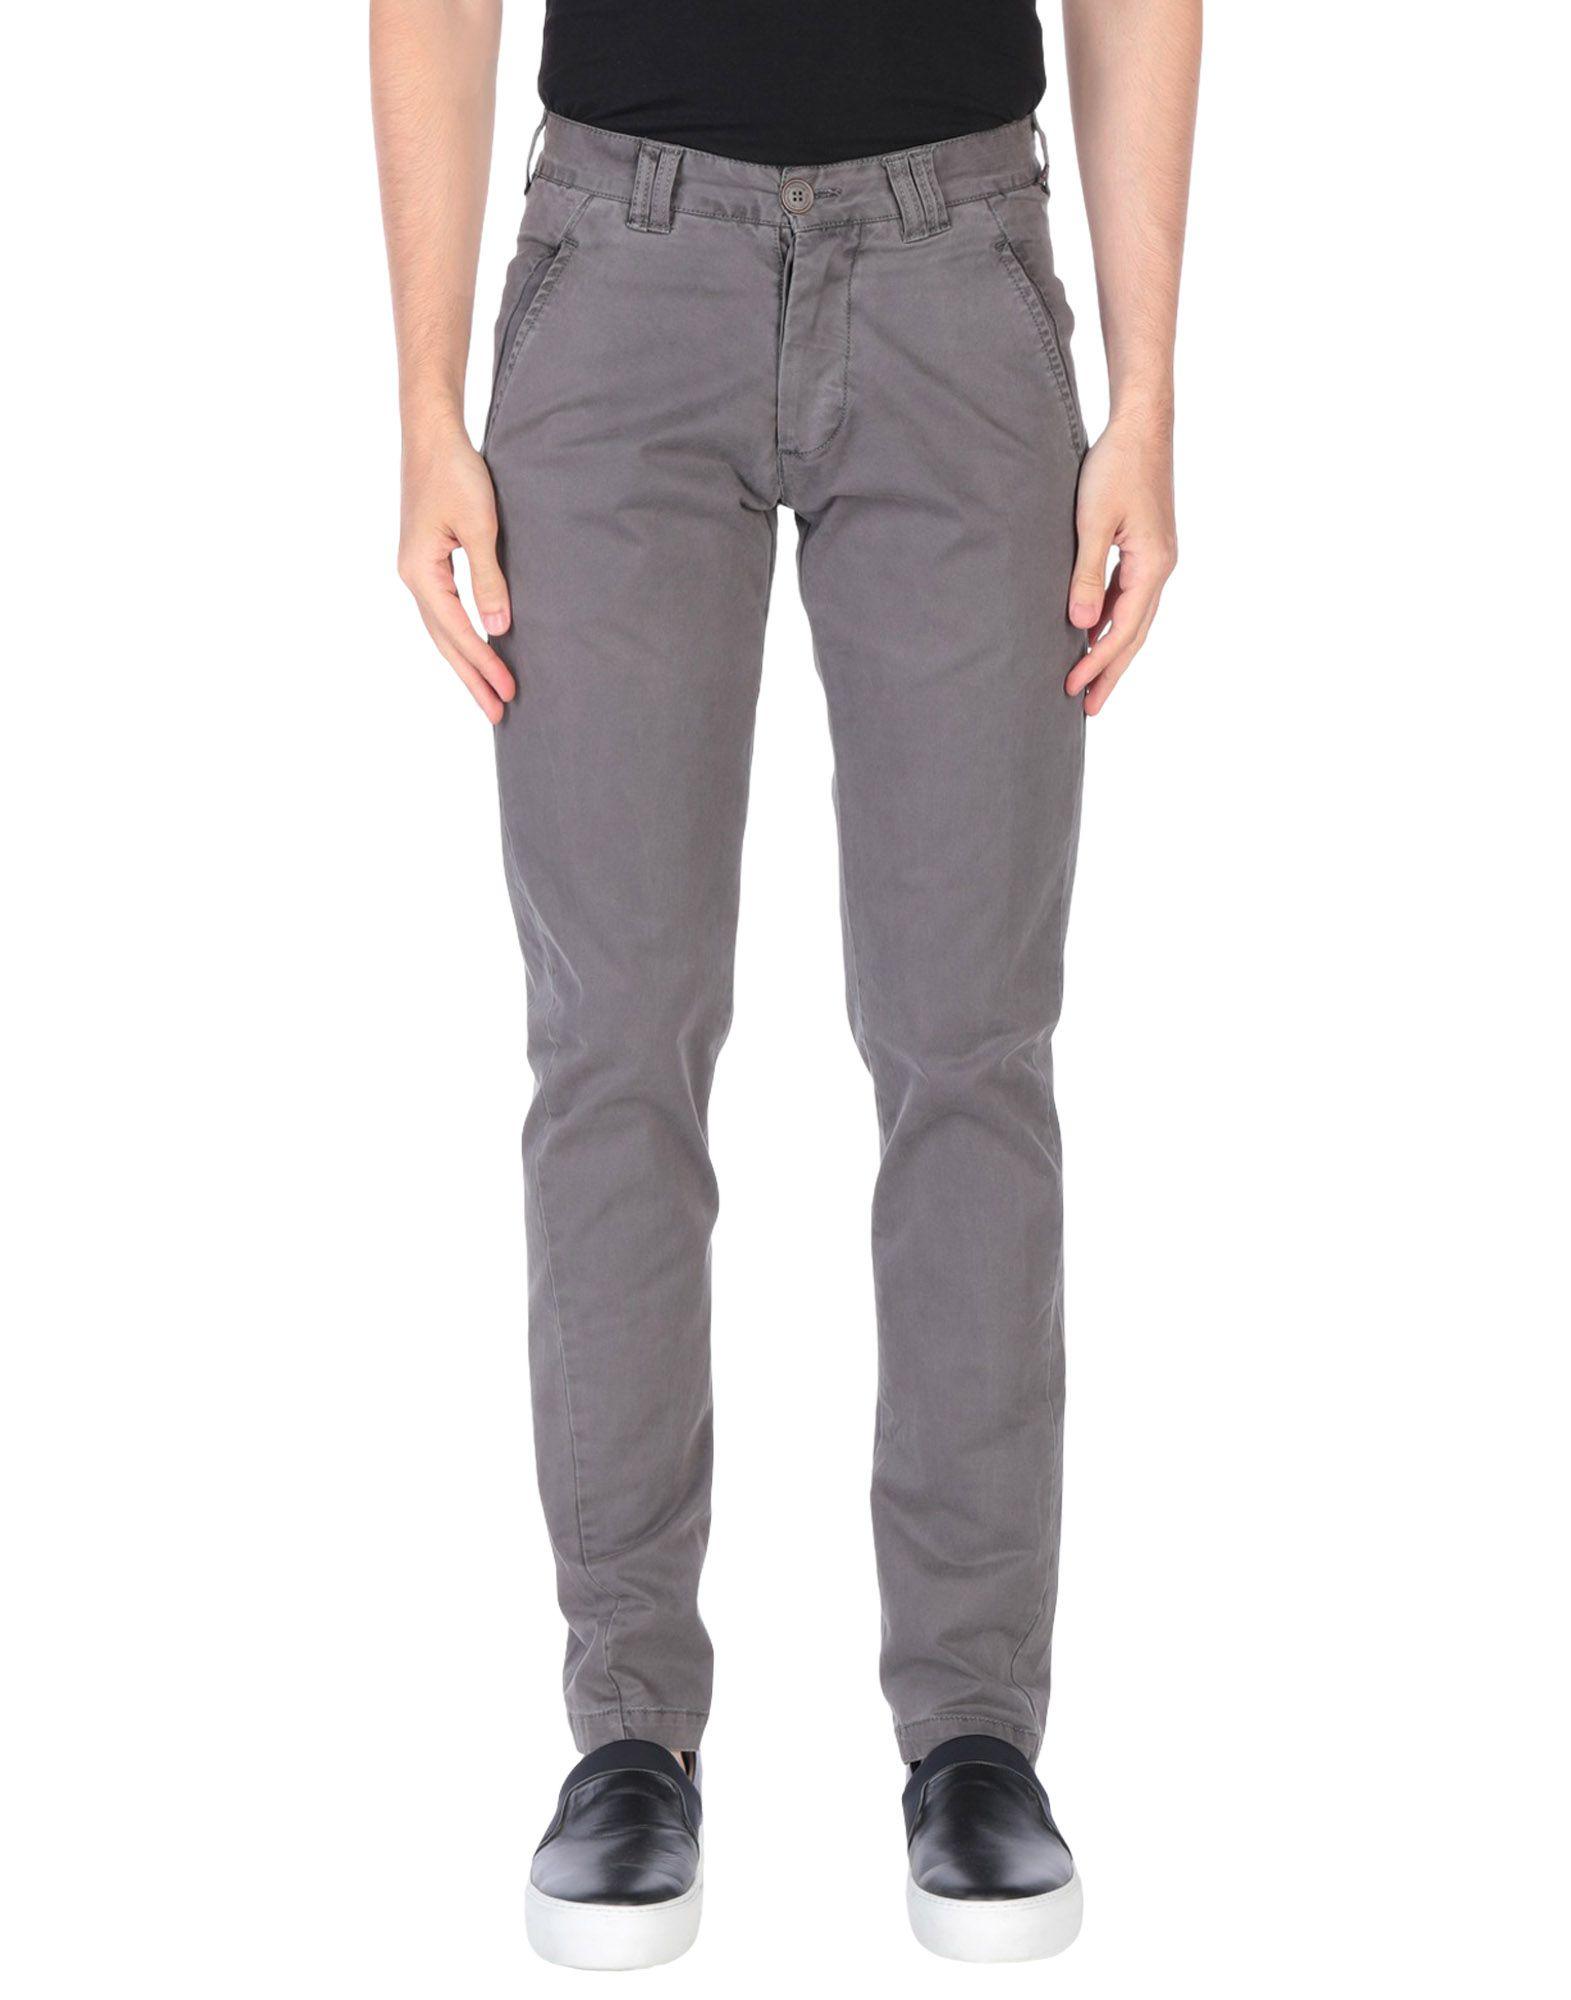 CATBALOU Повседневные брюки брюки catbalou брюки